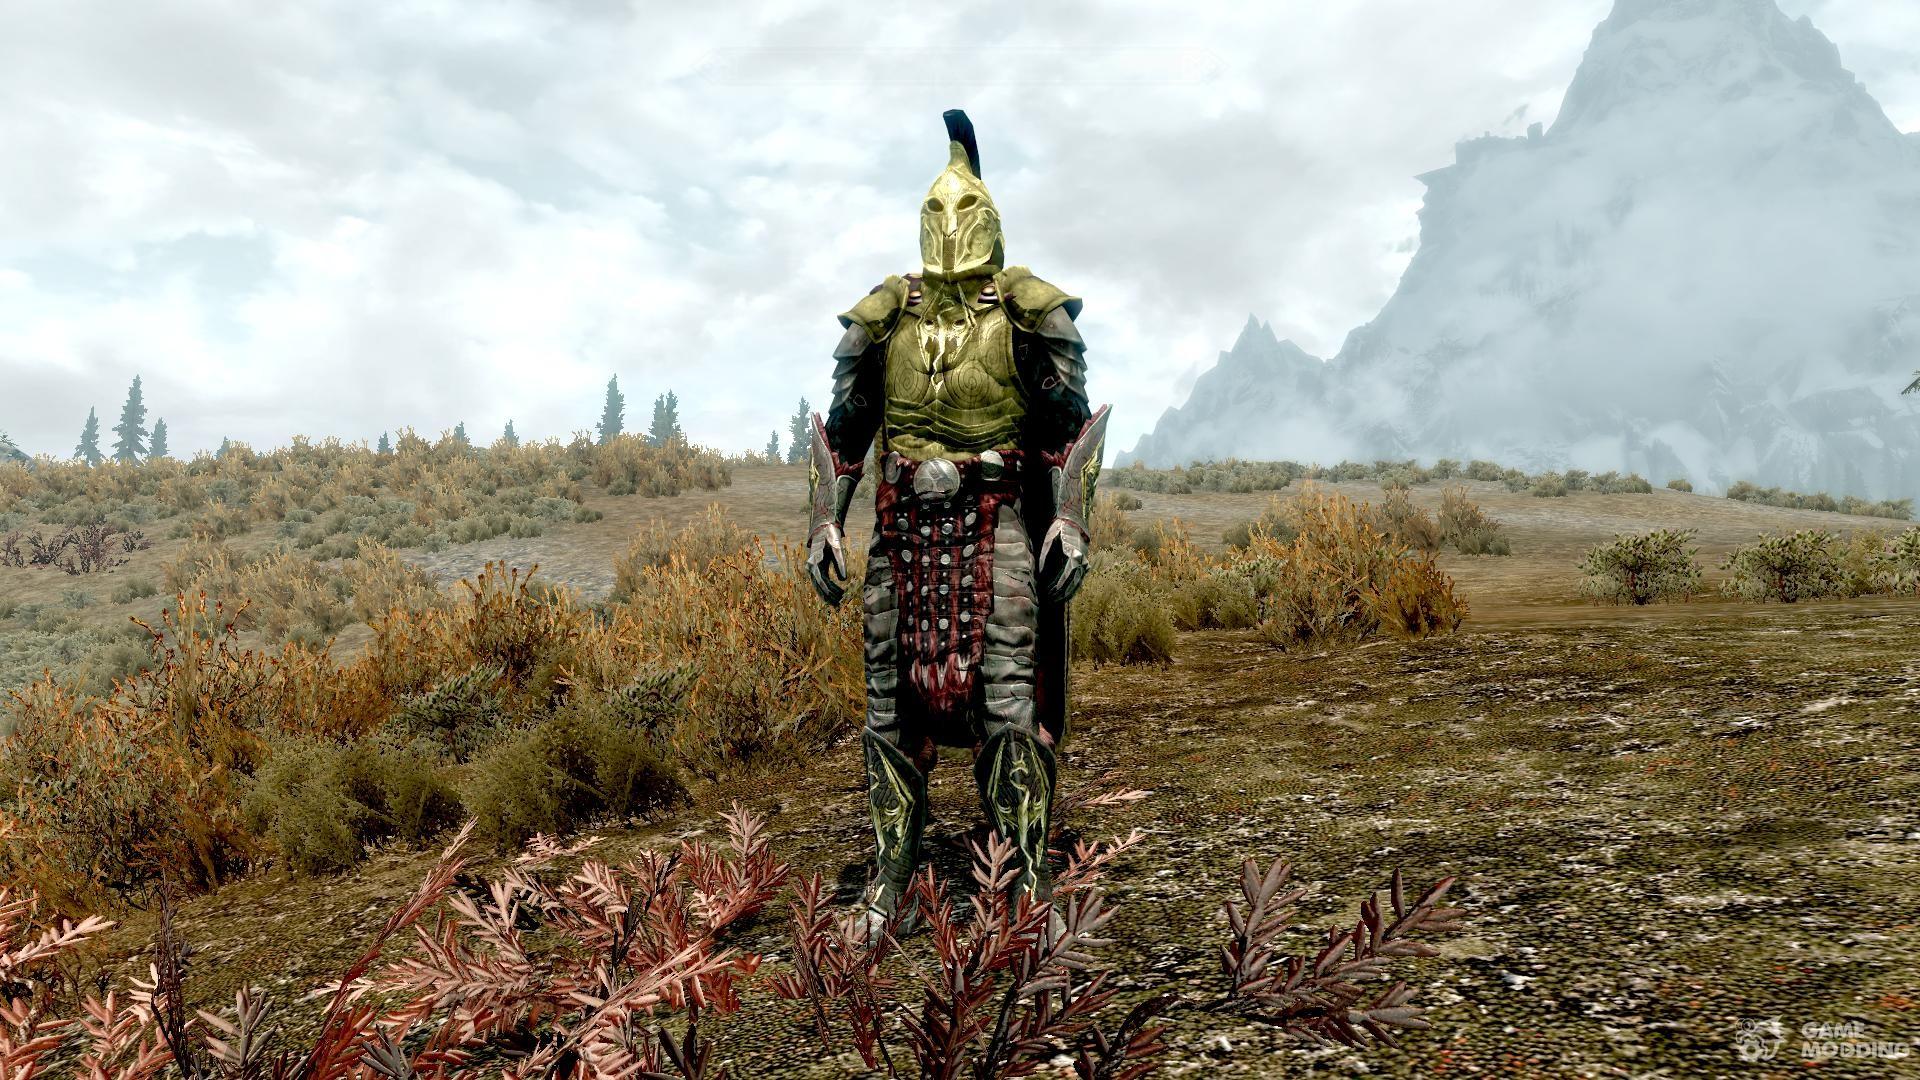 imperial light armor skyrim - photo #45